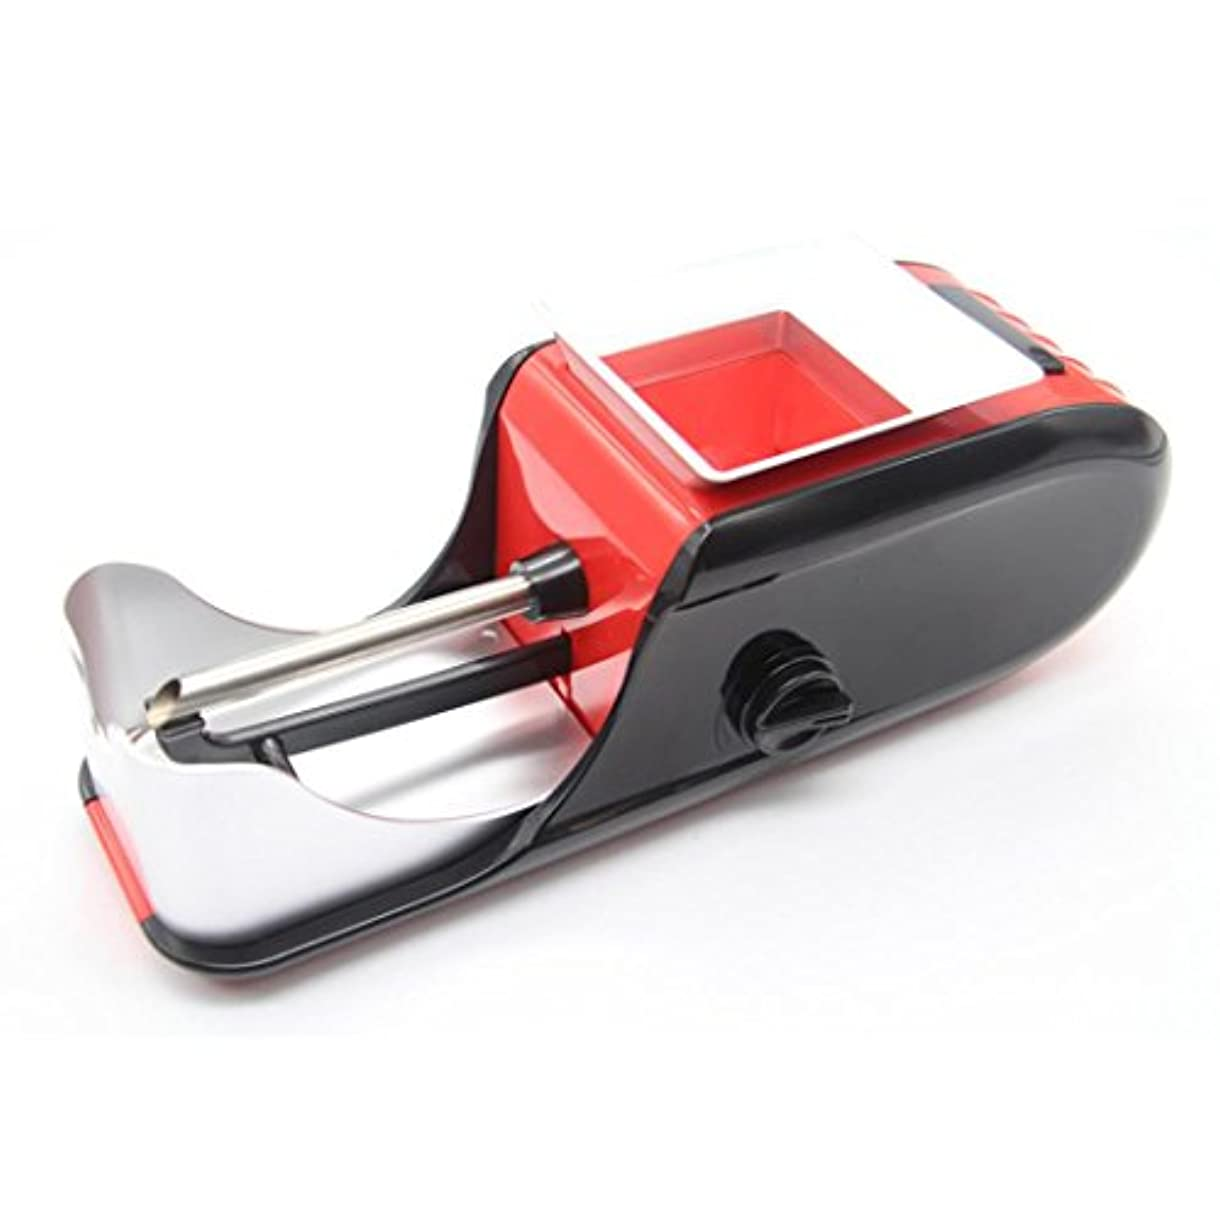 砂利で行商人fullfun Electric自動メーカータバコローラー、調整可能な5速度 レッド Tobacco Roller